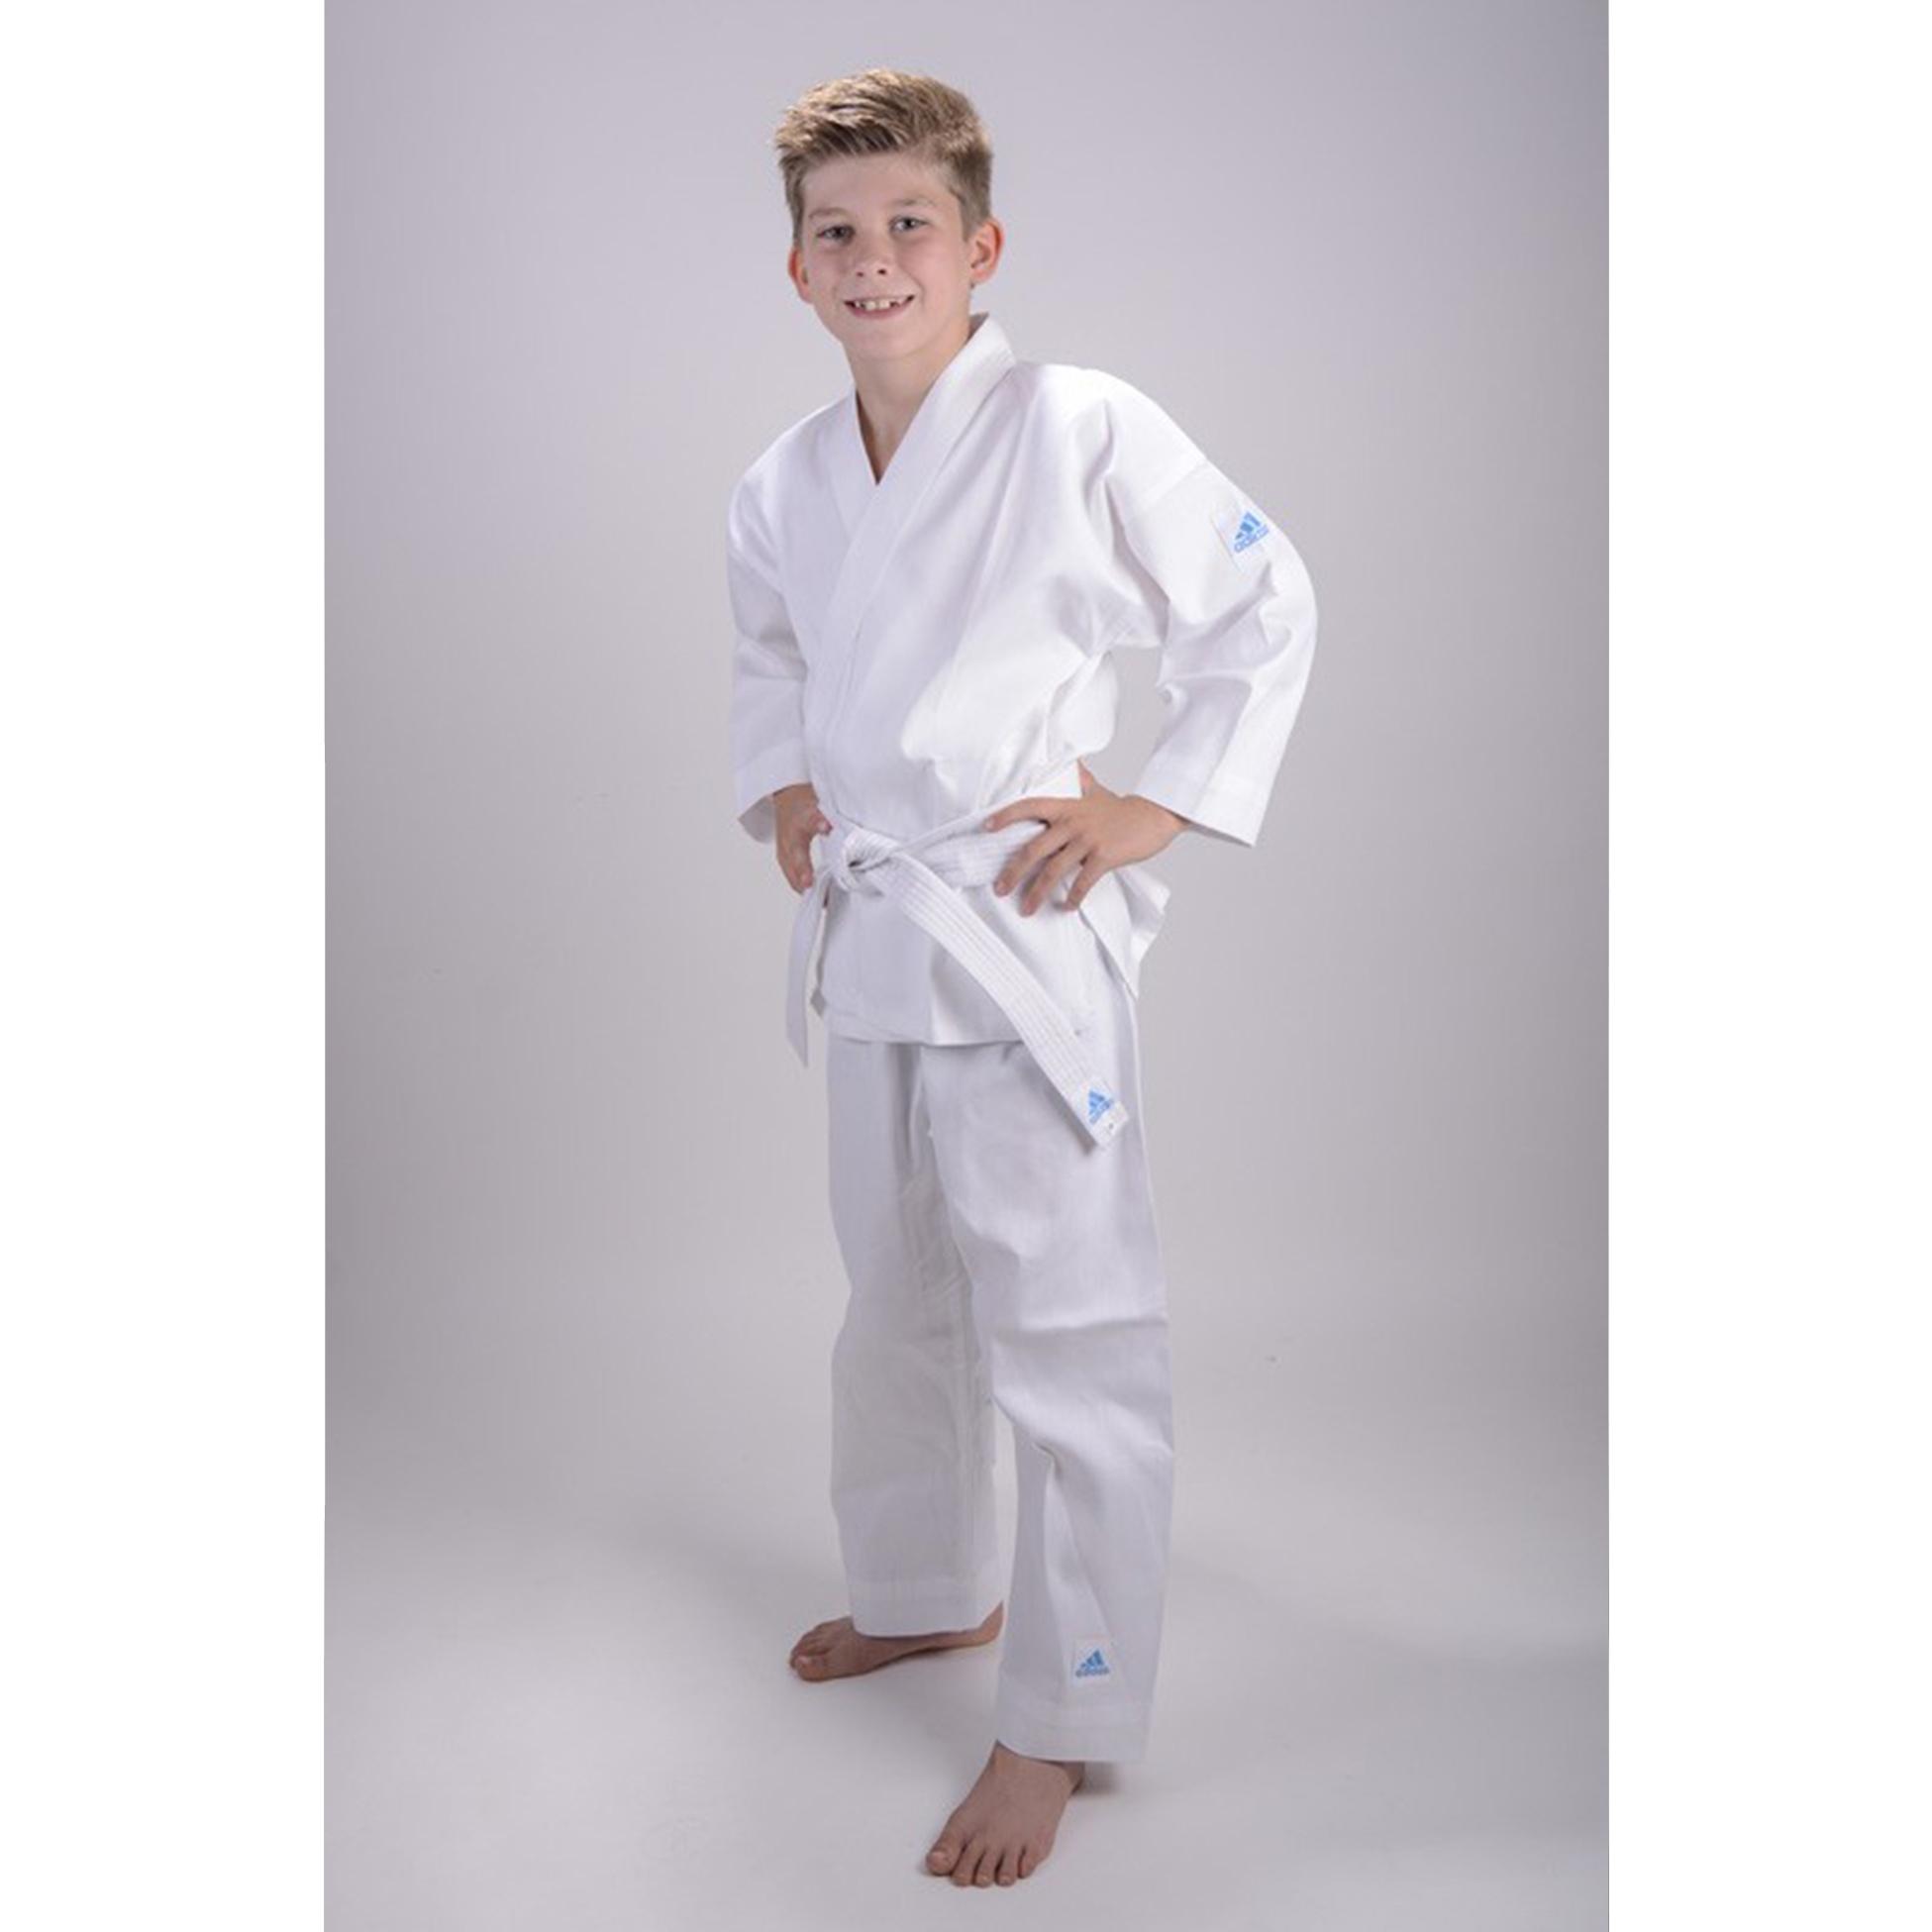 kinder adidas karate anzug k200e kids evolution wei gr. Black Bedroom Furniture Sets. Home Design Ideas